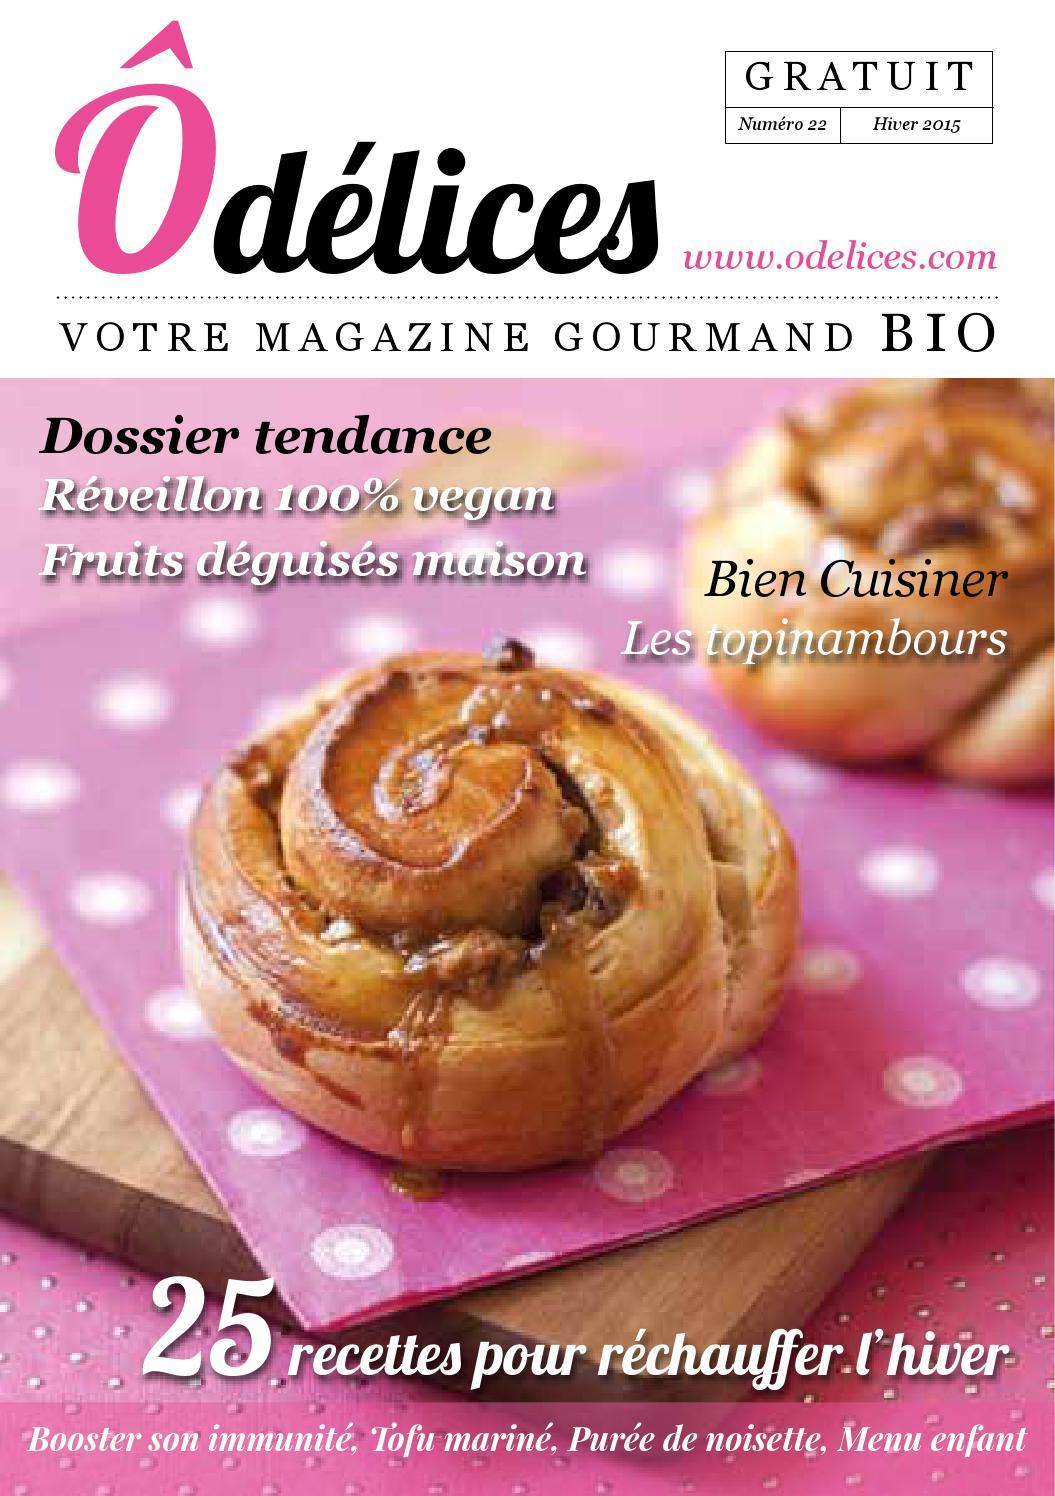 Ustensile De Cuisine Pour Réchauffer magazine odelices n°22 - hiver 2015marie-laure tombini